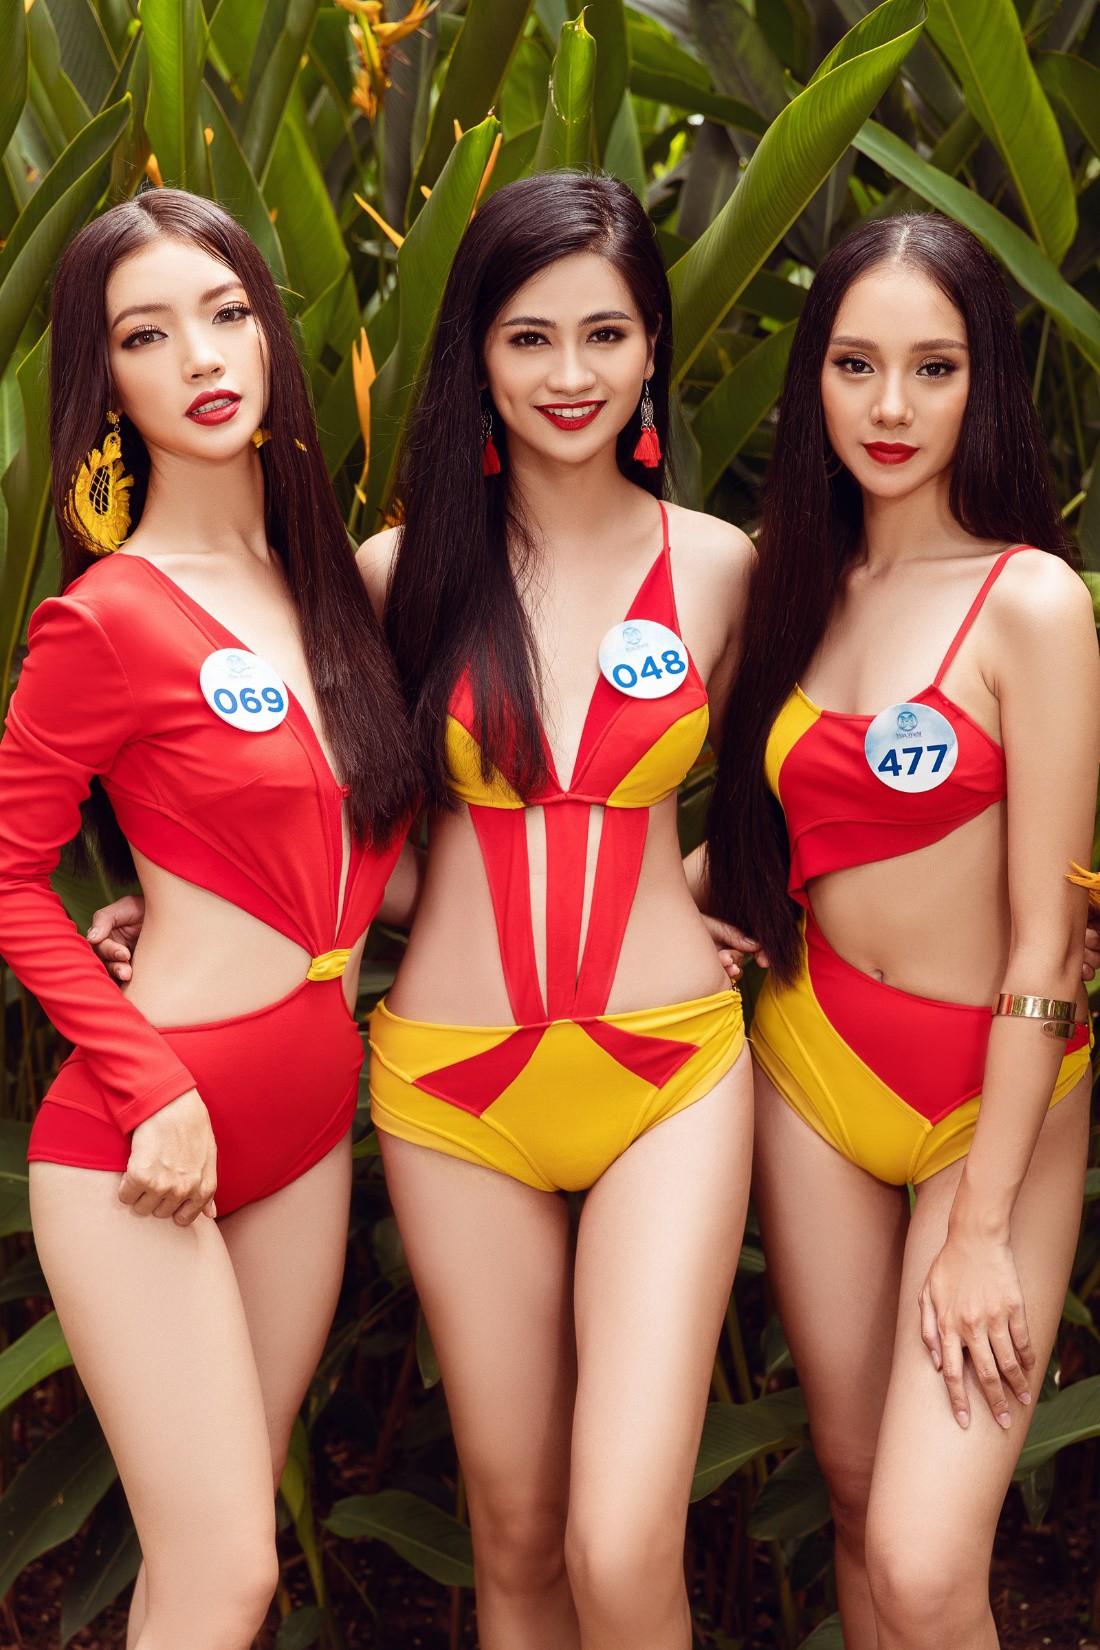 Đăng quang Miss World Vietnam 2019, Lương Thùy Linh sẵn sàng chinh phục vương miện thế giới - Ảnh 7.